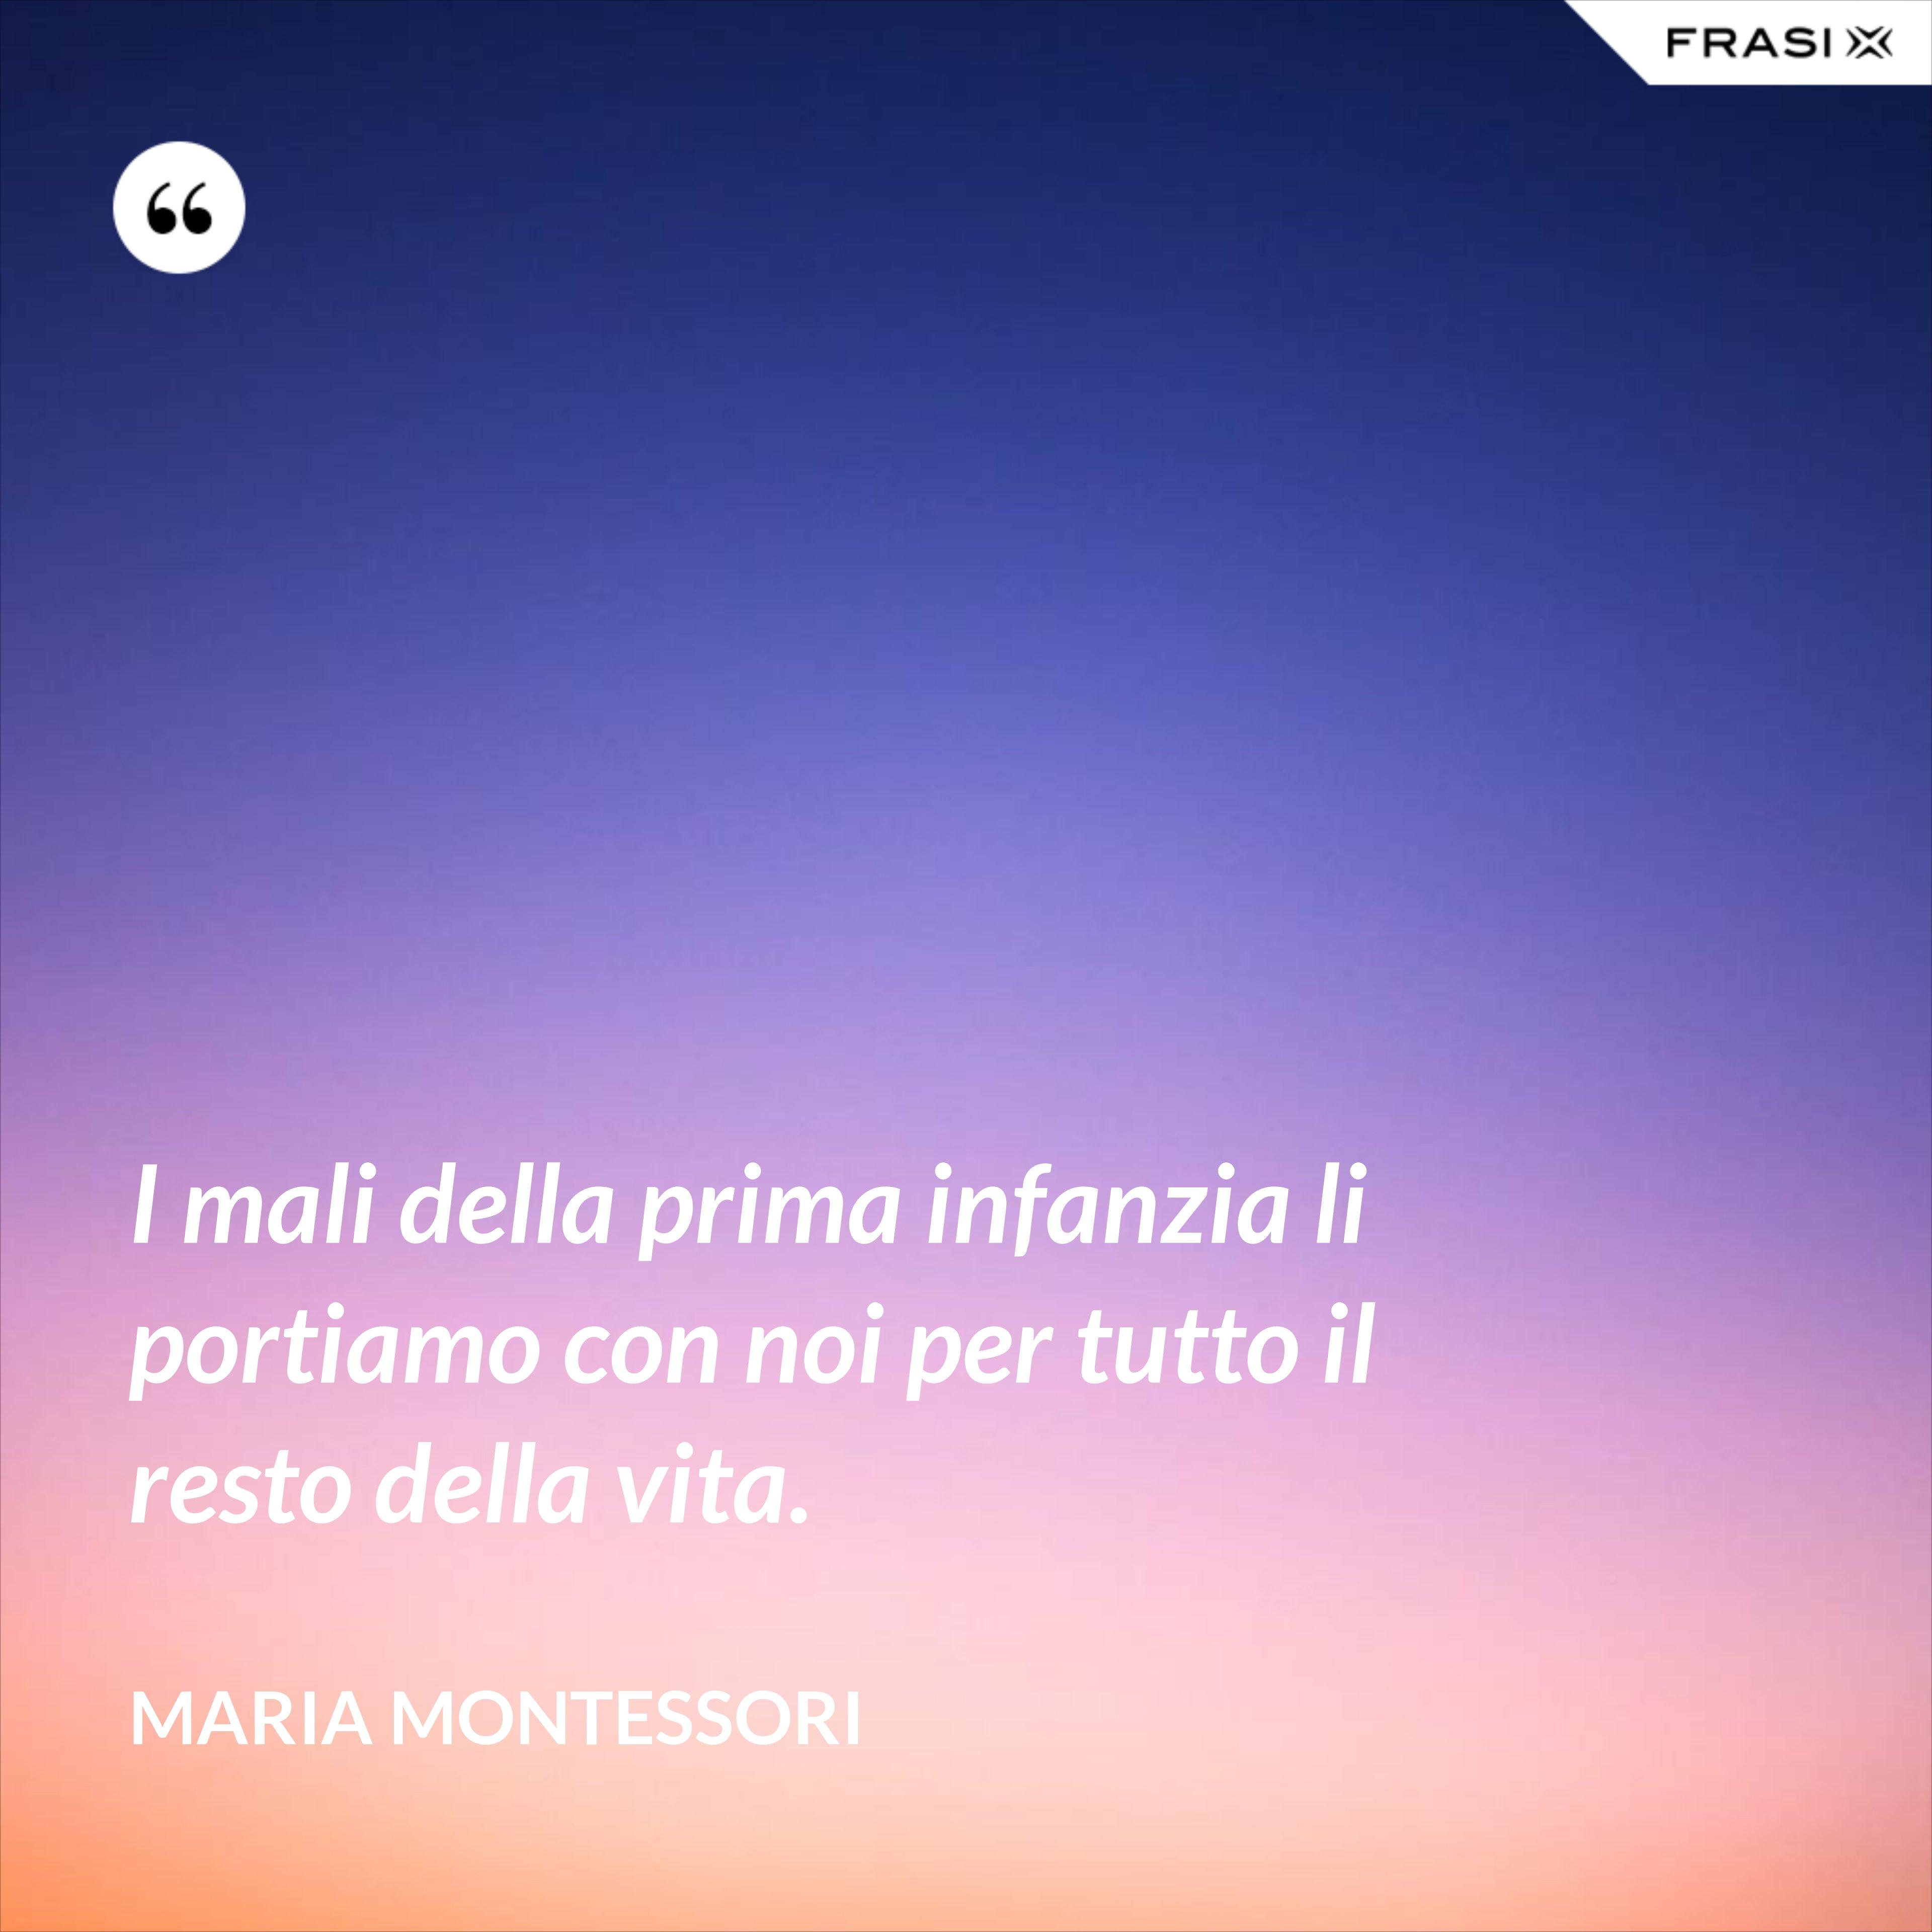 I mali della prima infanzia li portiamo con noi per tutto il resto della vita. - Maria Montessori